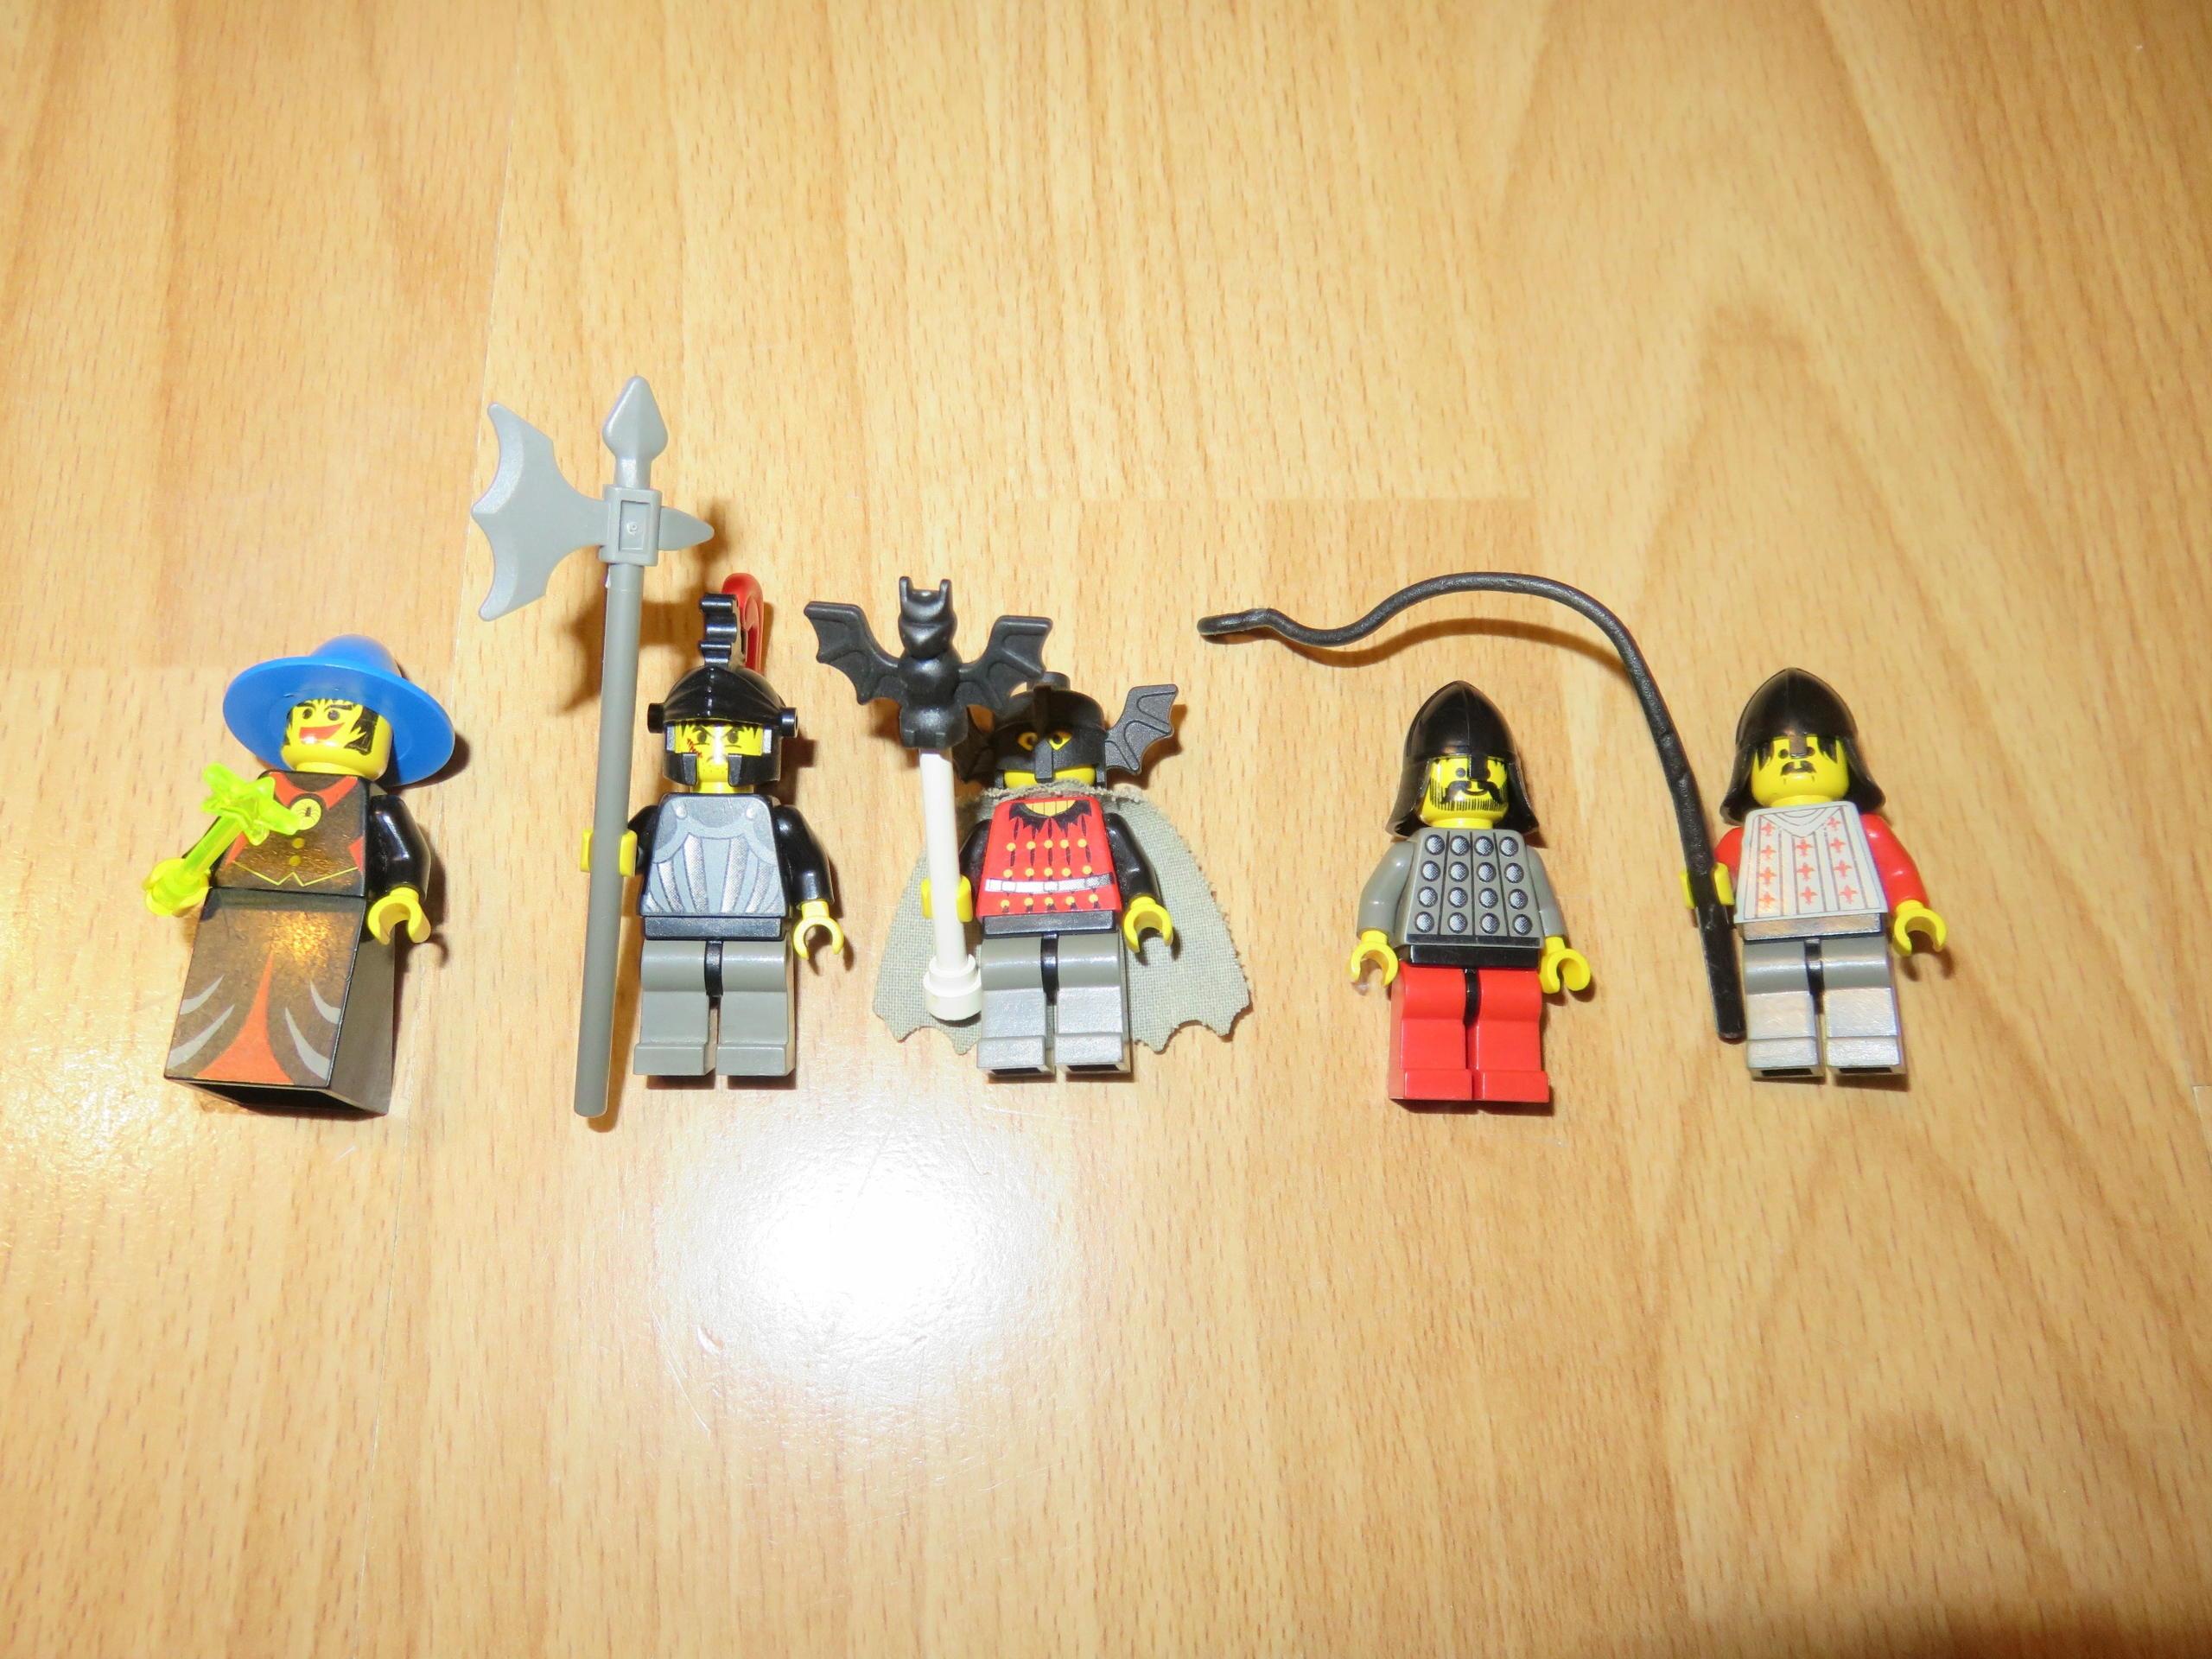 Lego System Zamek 6097 Powóz Rycerze 1997r.